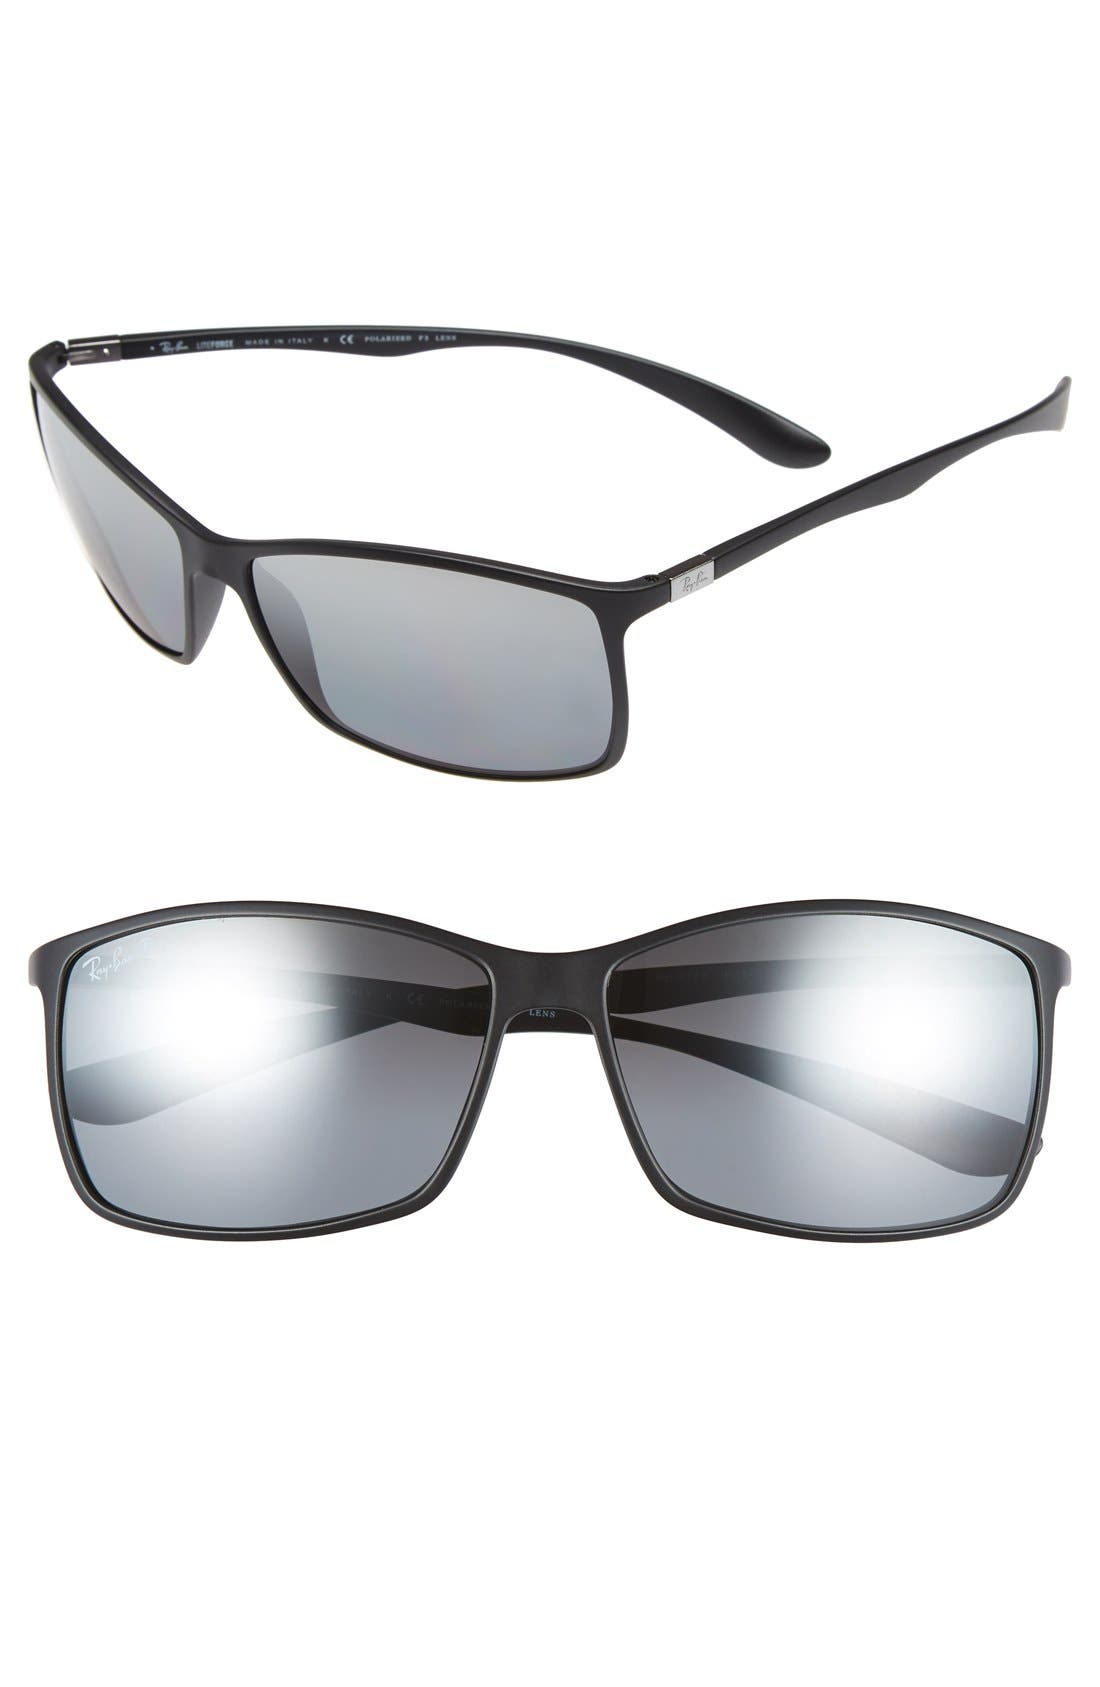 'TECH Liteforce' 62mm Polarized Sunglasses,                         Main,                         color, MATTE BLACK/ GREY MIRROR P